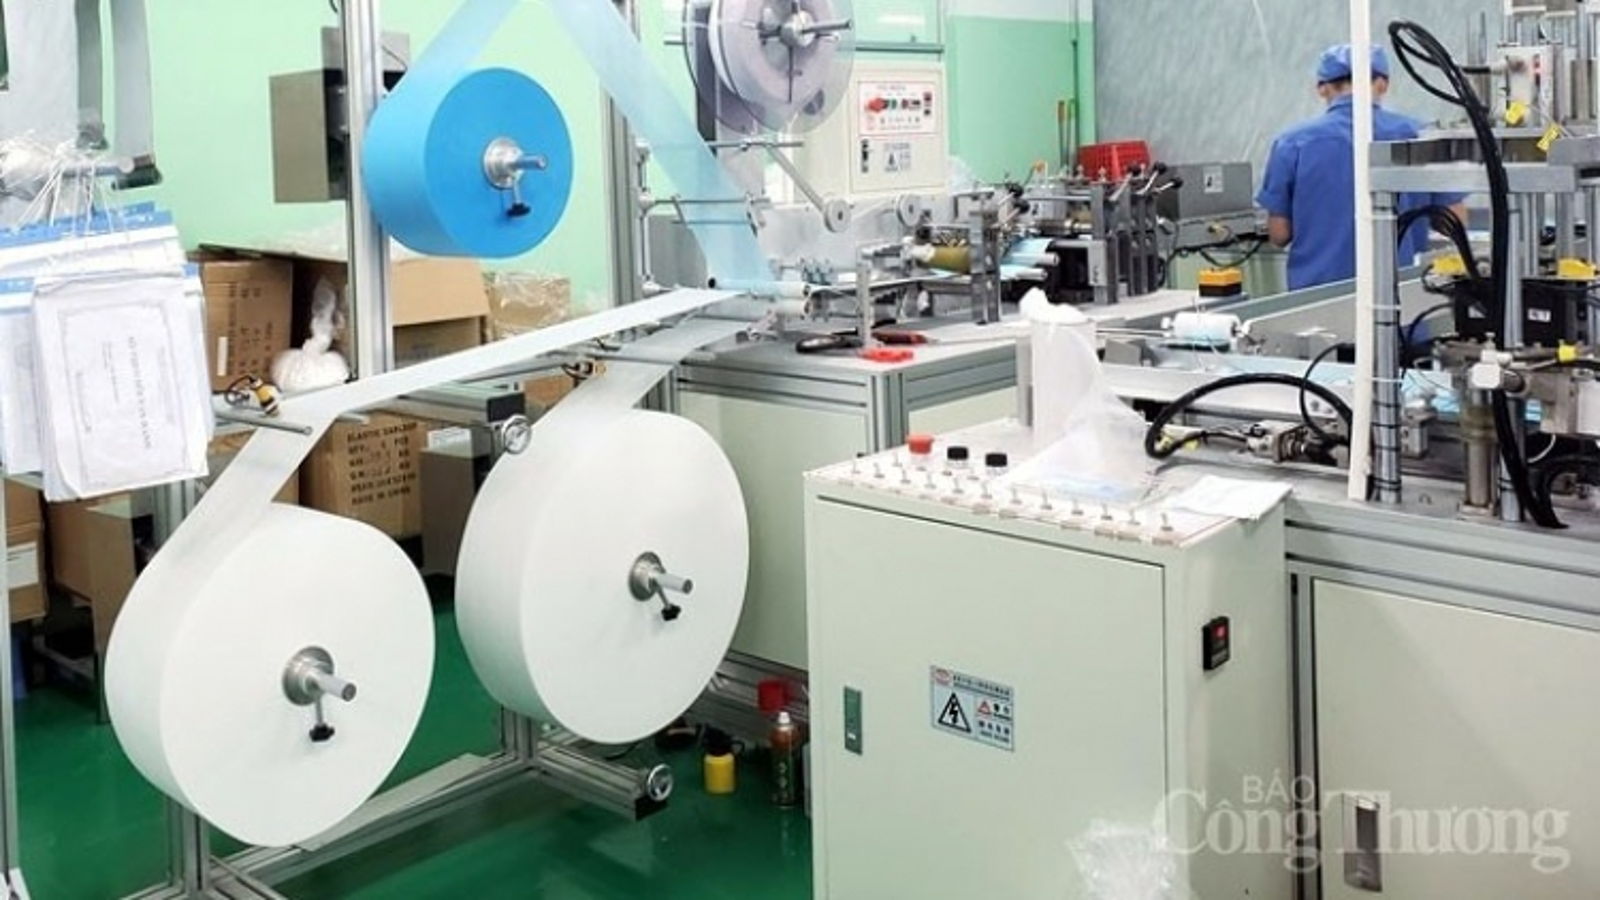 Giám sát chặt việc nhập dây chuyền sản xuất khẩu trang đã qua sử dụng